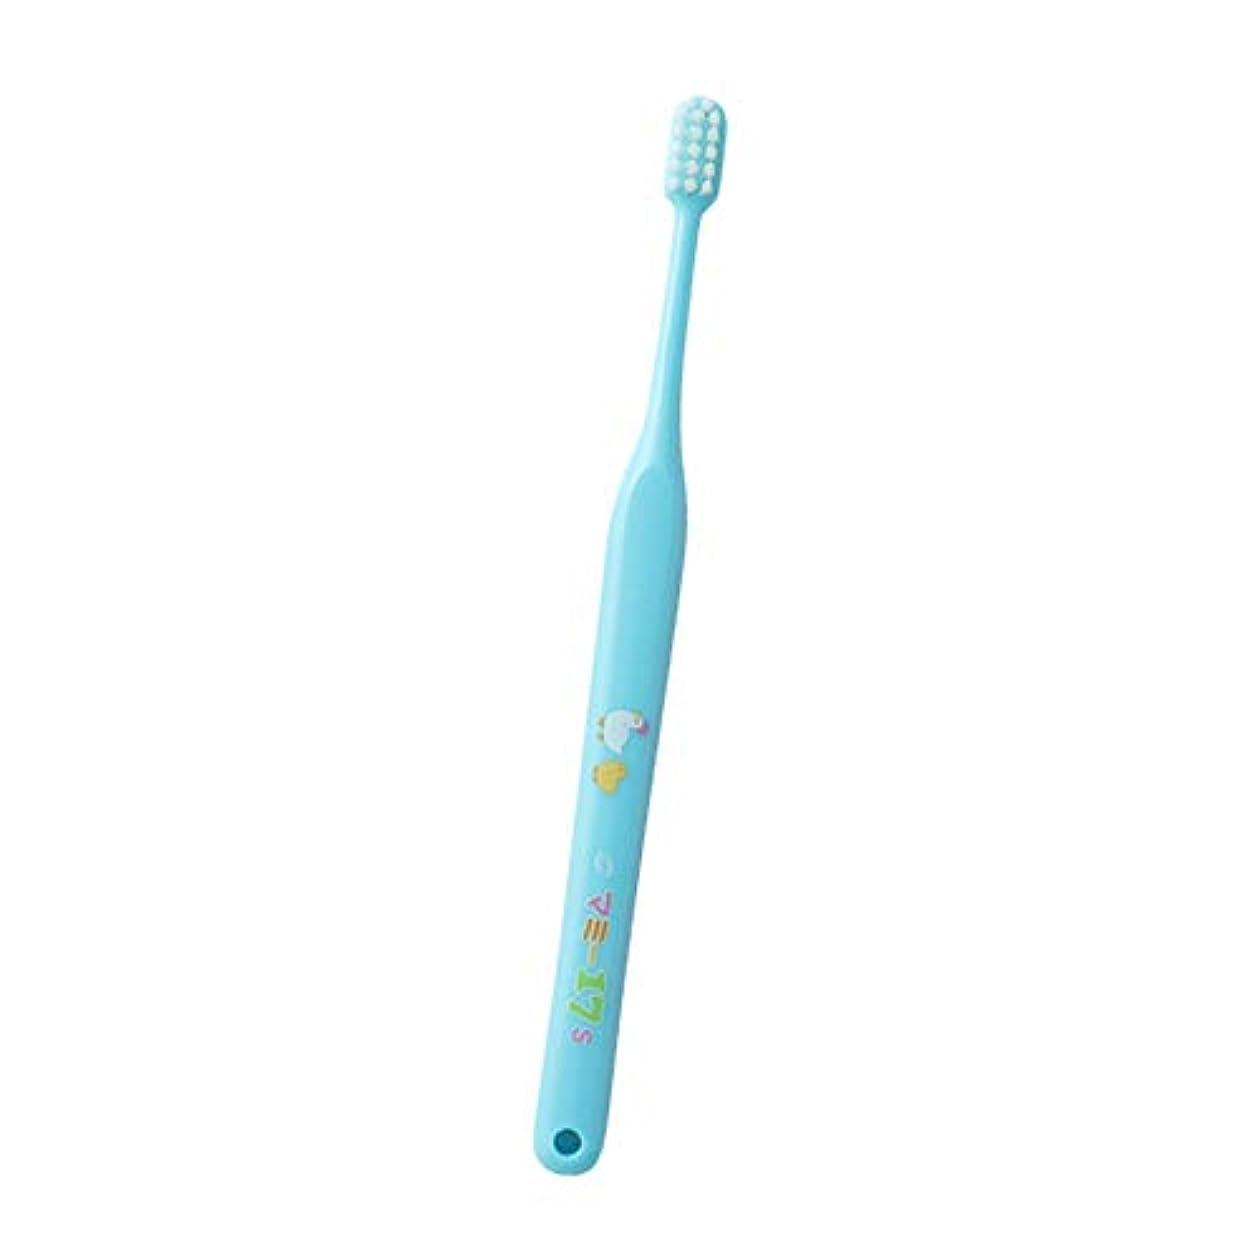 内部スナッチ倍増オーラルケア マミー17歯ブラシ 1本 (ソフト(S)ブルー)